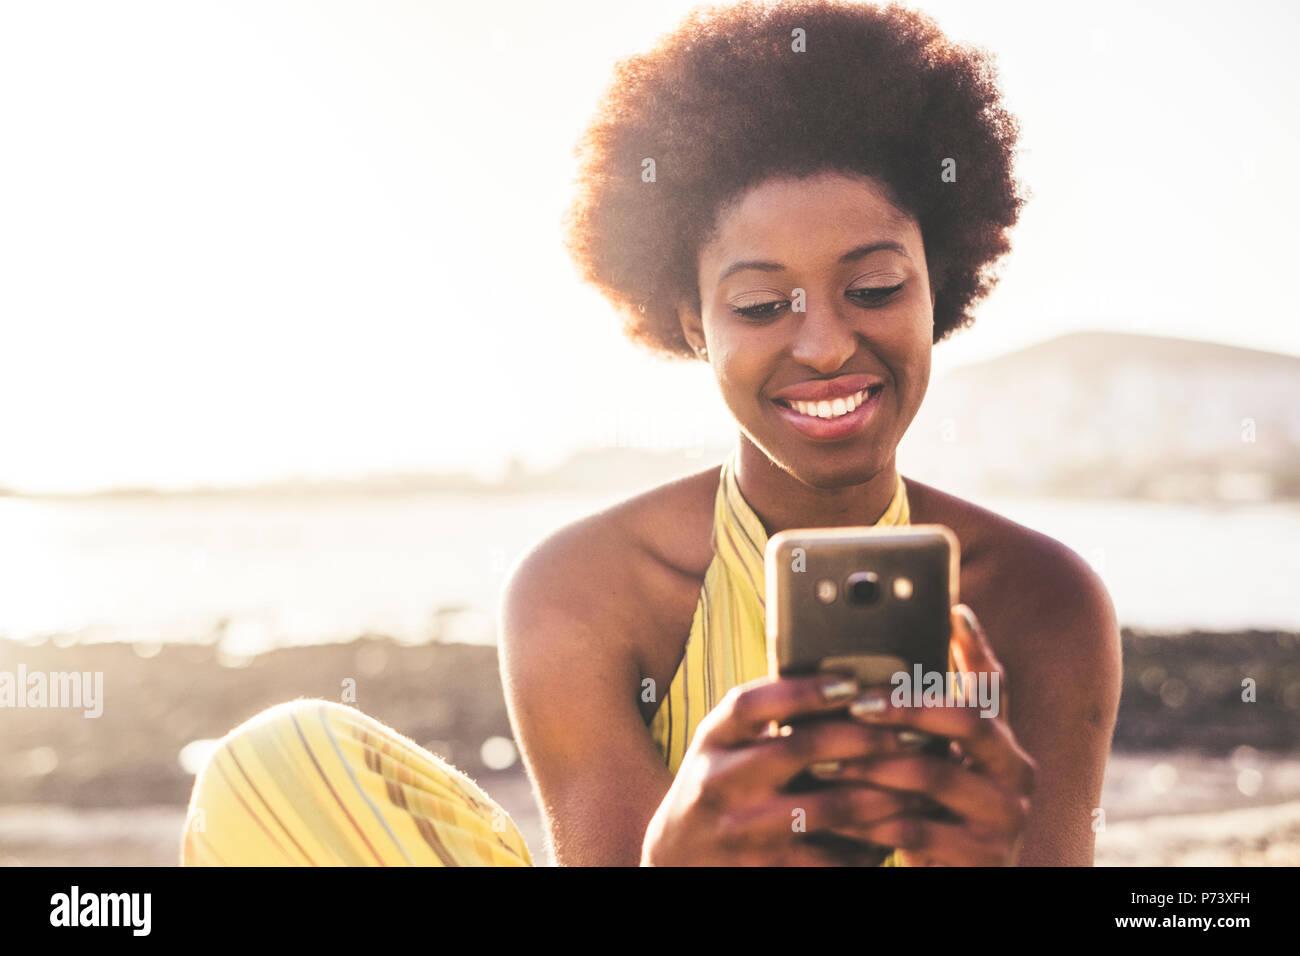 Giovane e bella ragazza modello rac nero capelli africani utilizzare telefoni cellulari la tecnologia per scrivere gli amici durante una vacanza. l'oceano e la retroilluminazione in background, o Immagini Stock